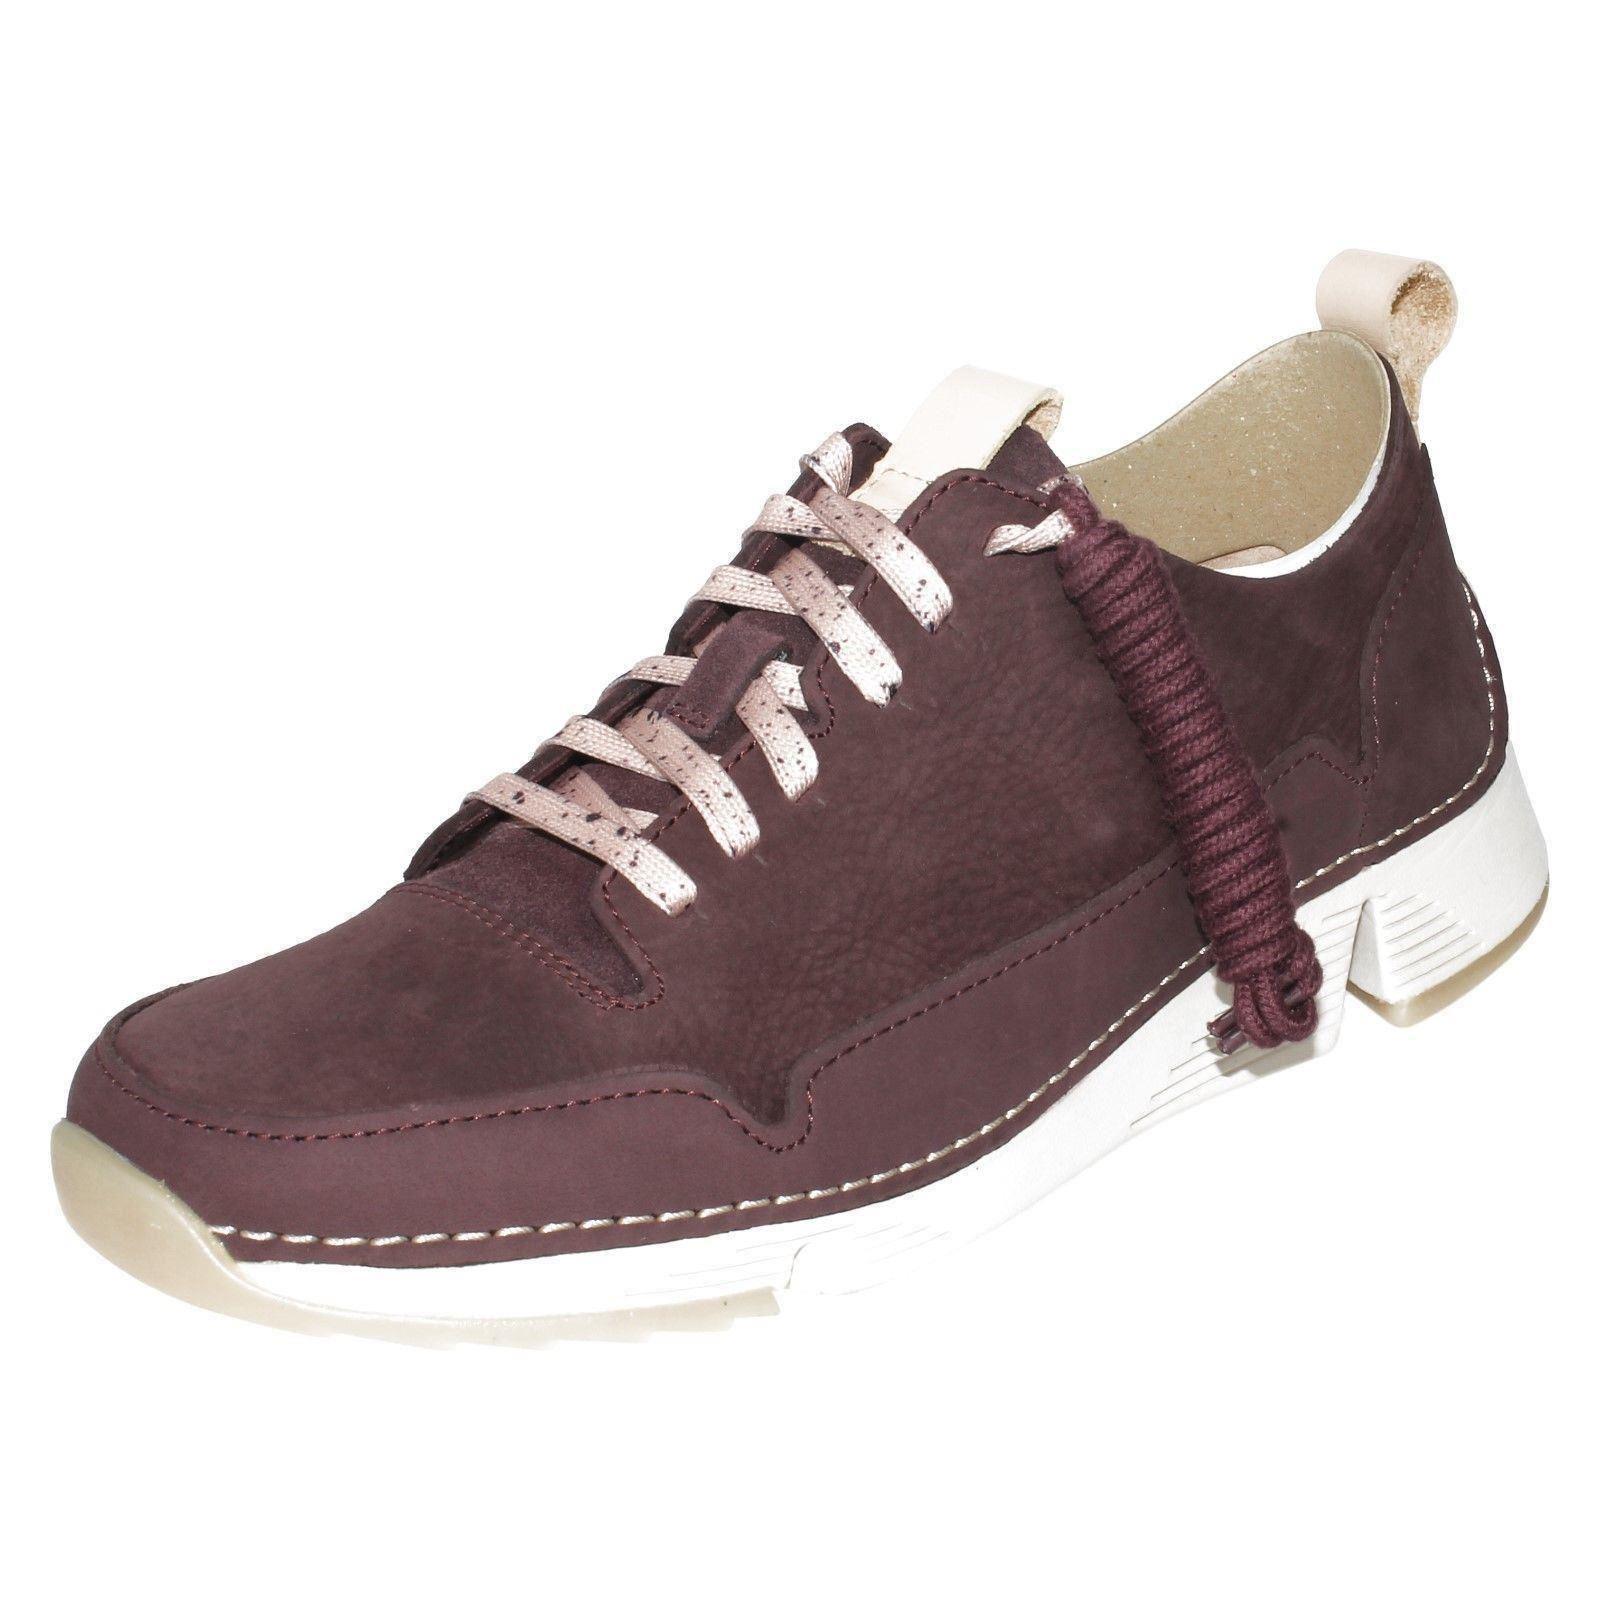 estilo con cordones de de Spark cuero Tri para deporte Zapatillas casual mujer Aubergine Clarks HqwXanzg